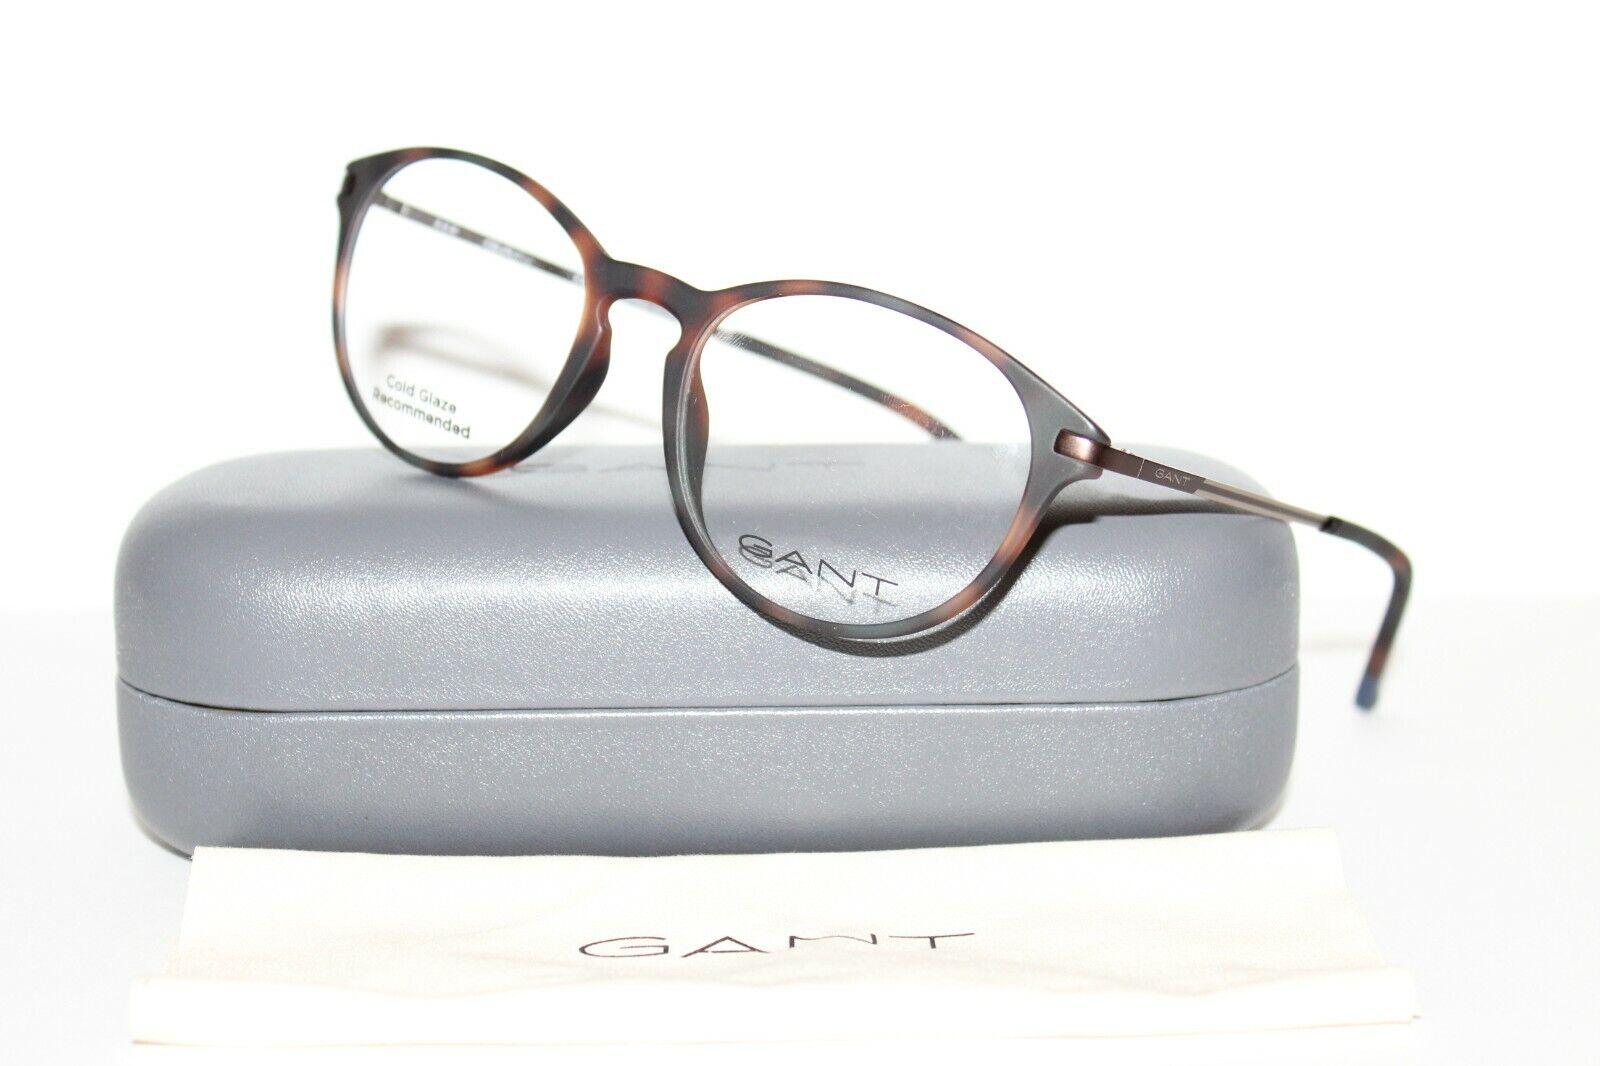 Nouveau Gant GA3100 052 50 mm Dark Havana Optique Lunettes Cadres